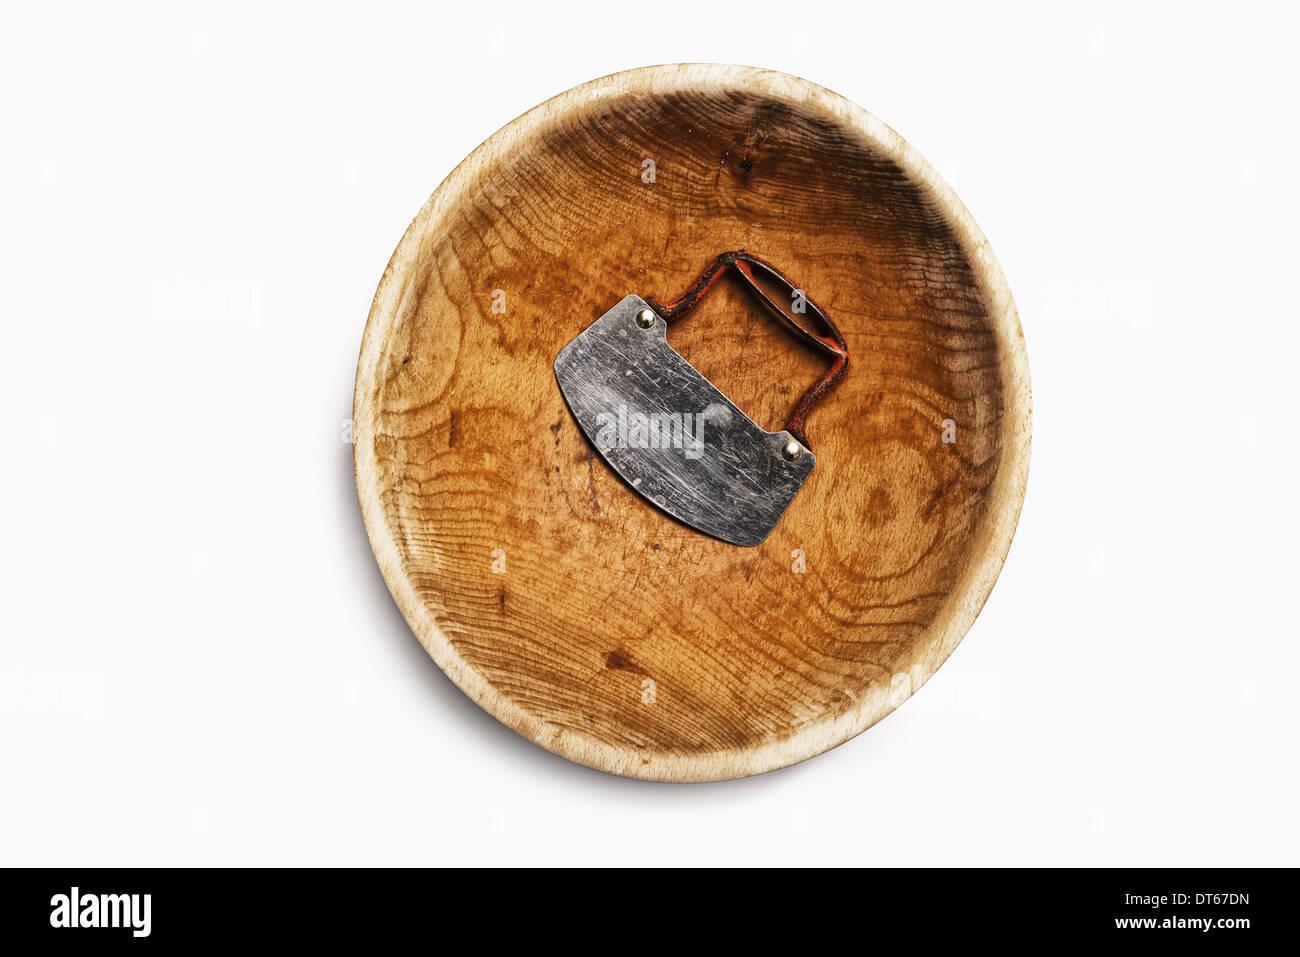 Un bol de broyage en bois bien usé, avec une lame d'acier et poignée. Photo Stock